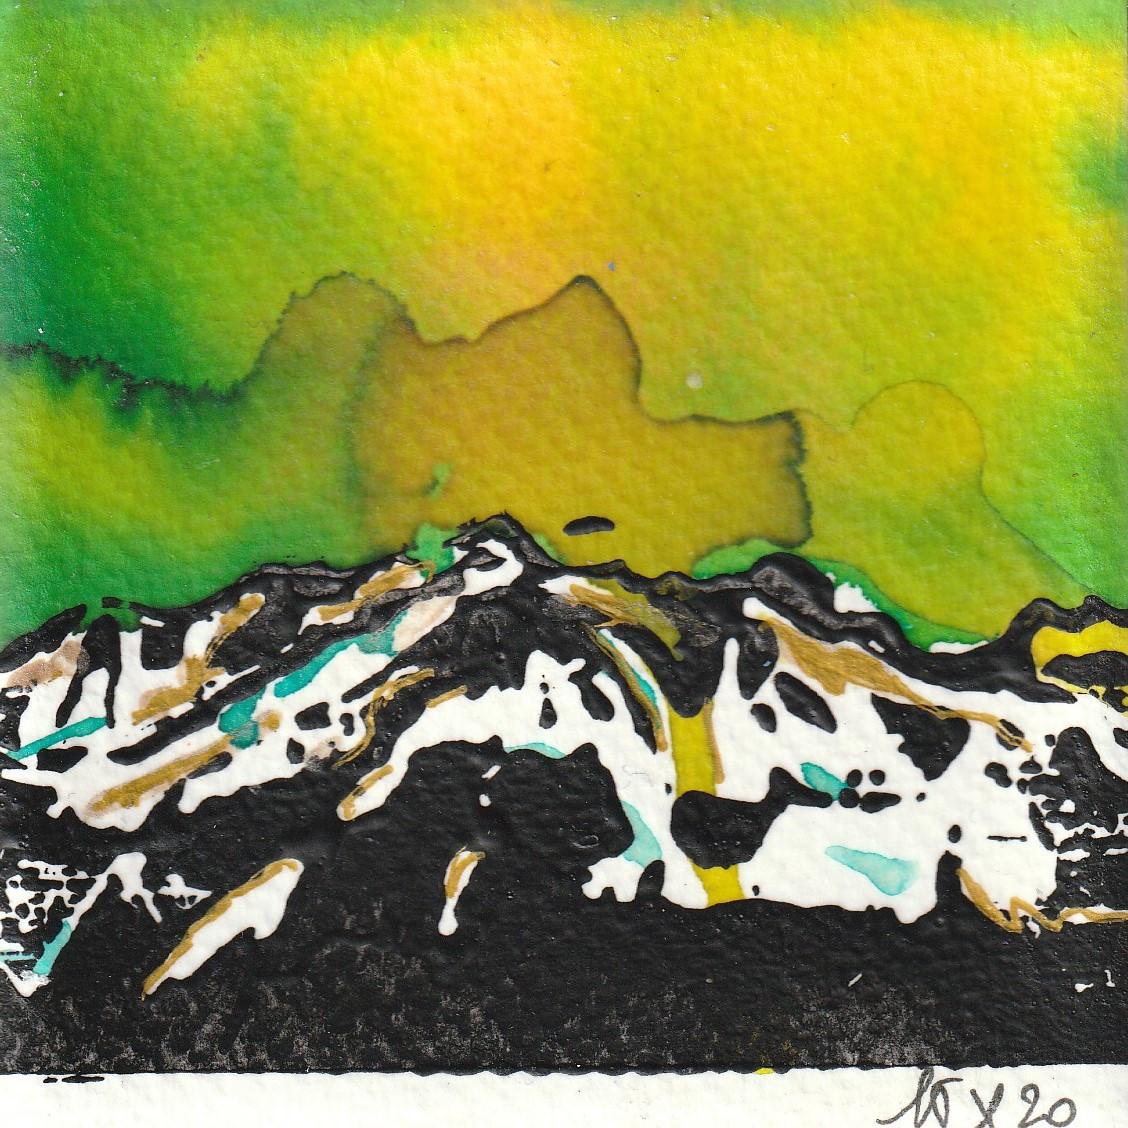 Mont 16